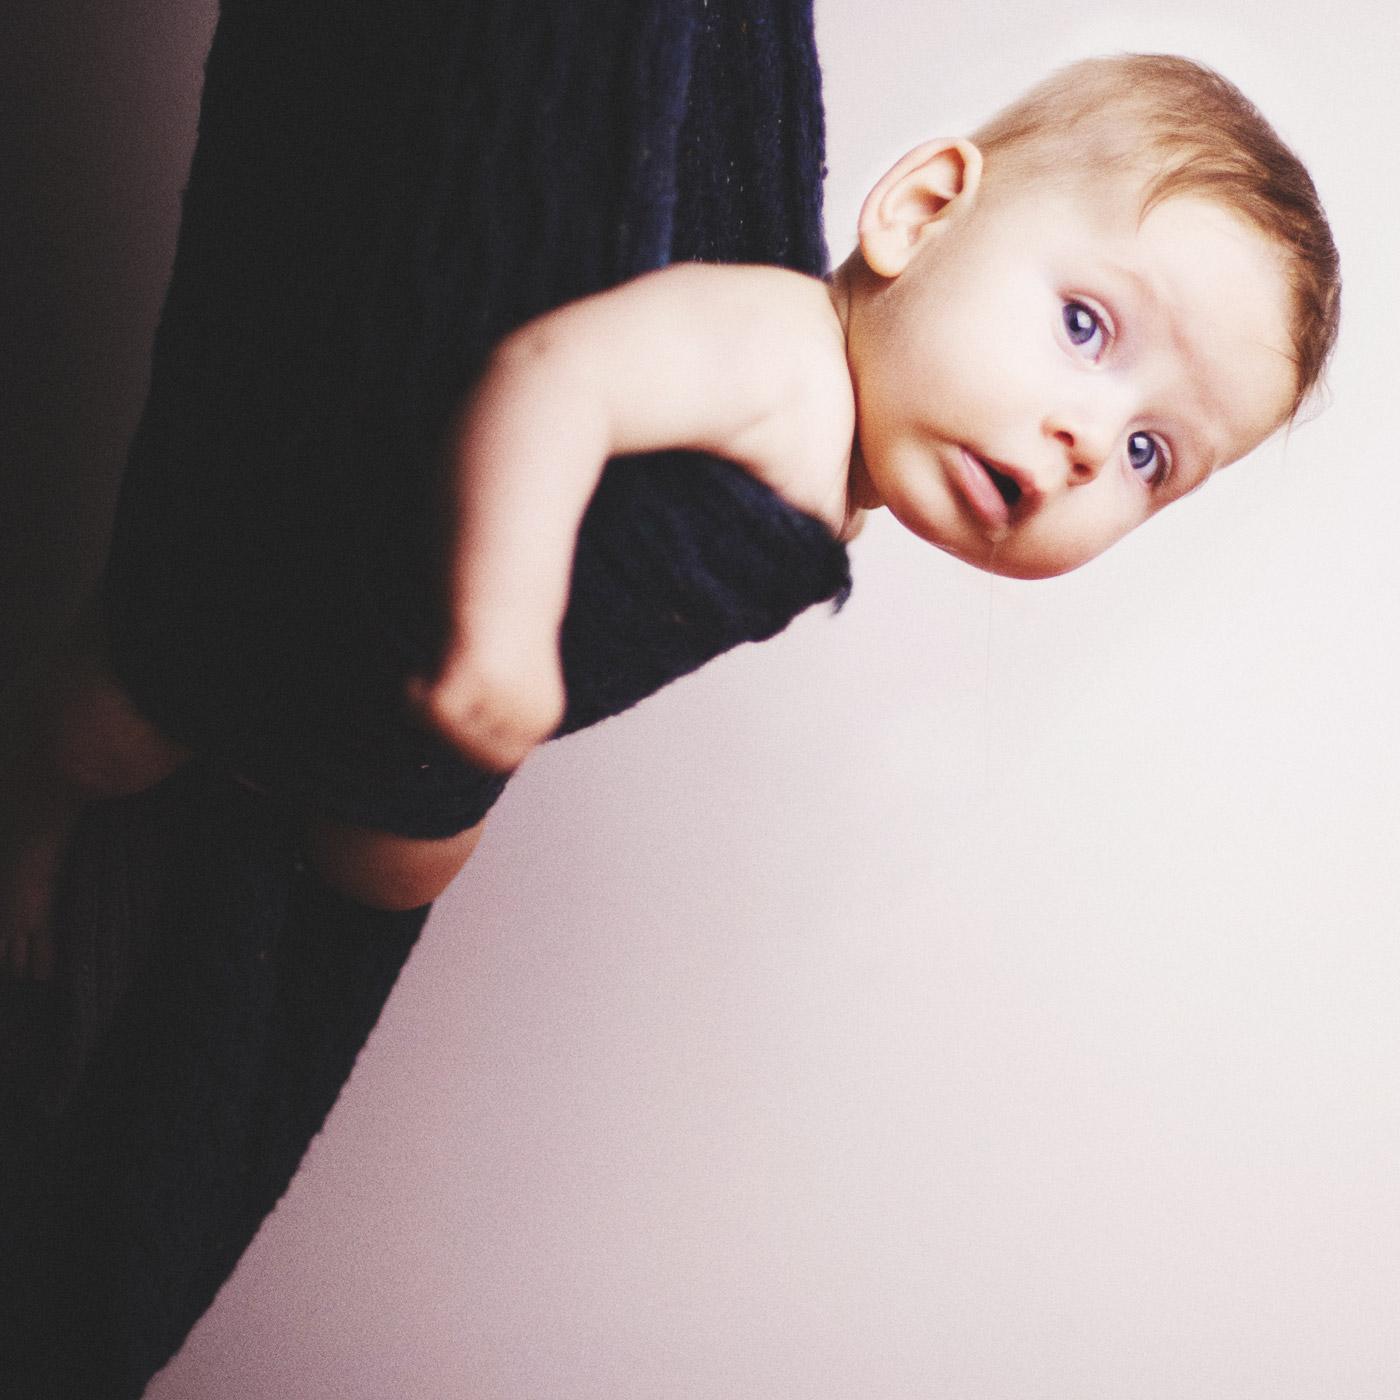 bebe de cuatro meses envuelto en una bufanda y colgando